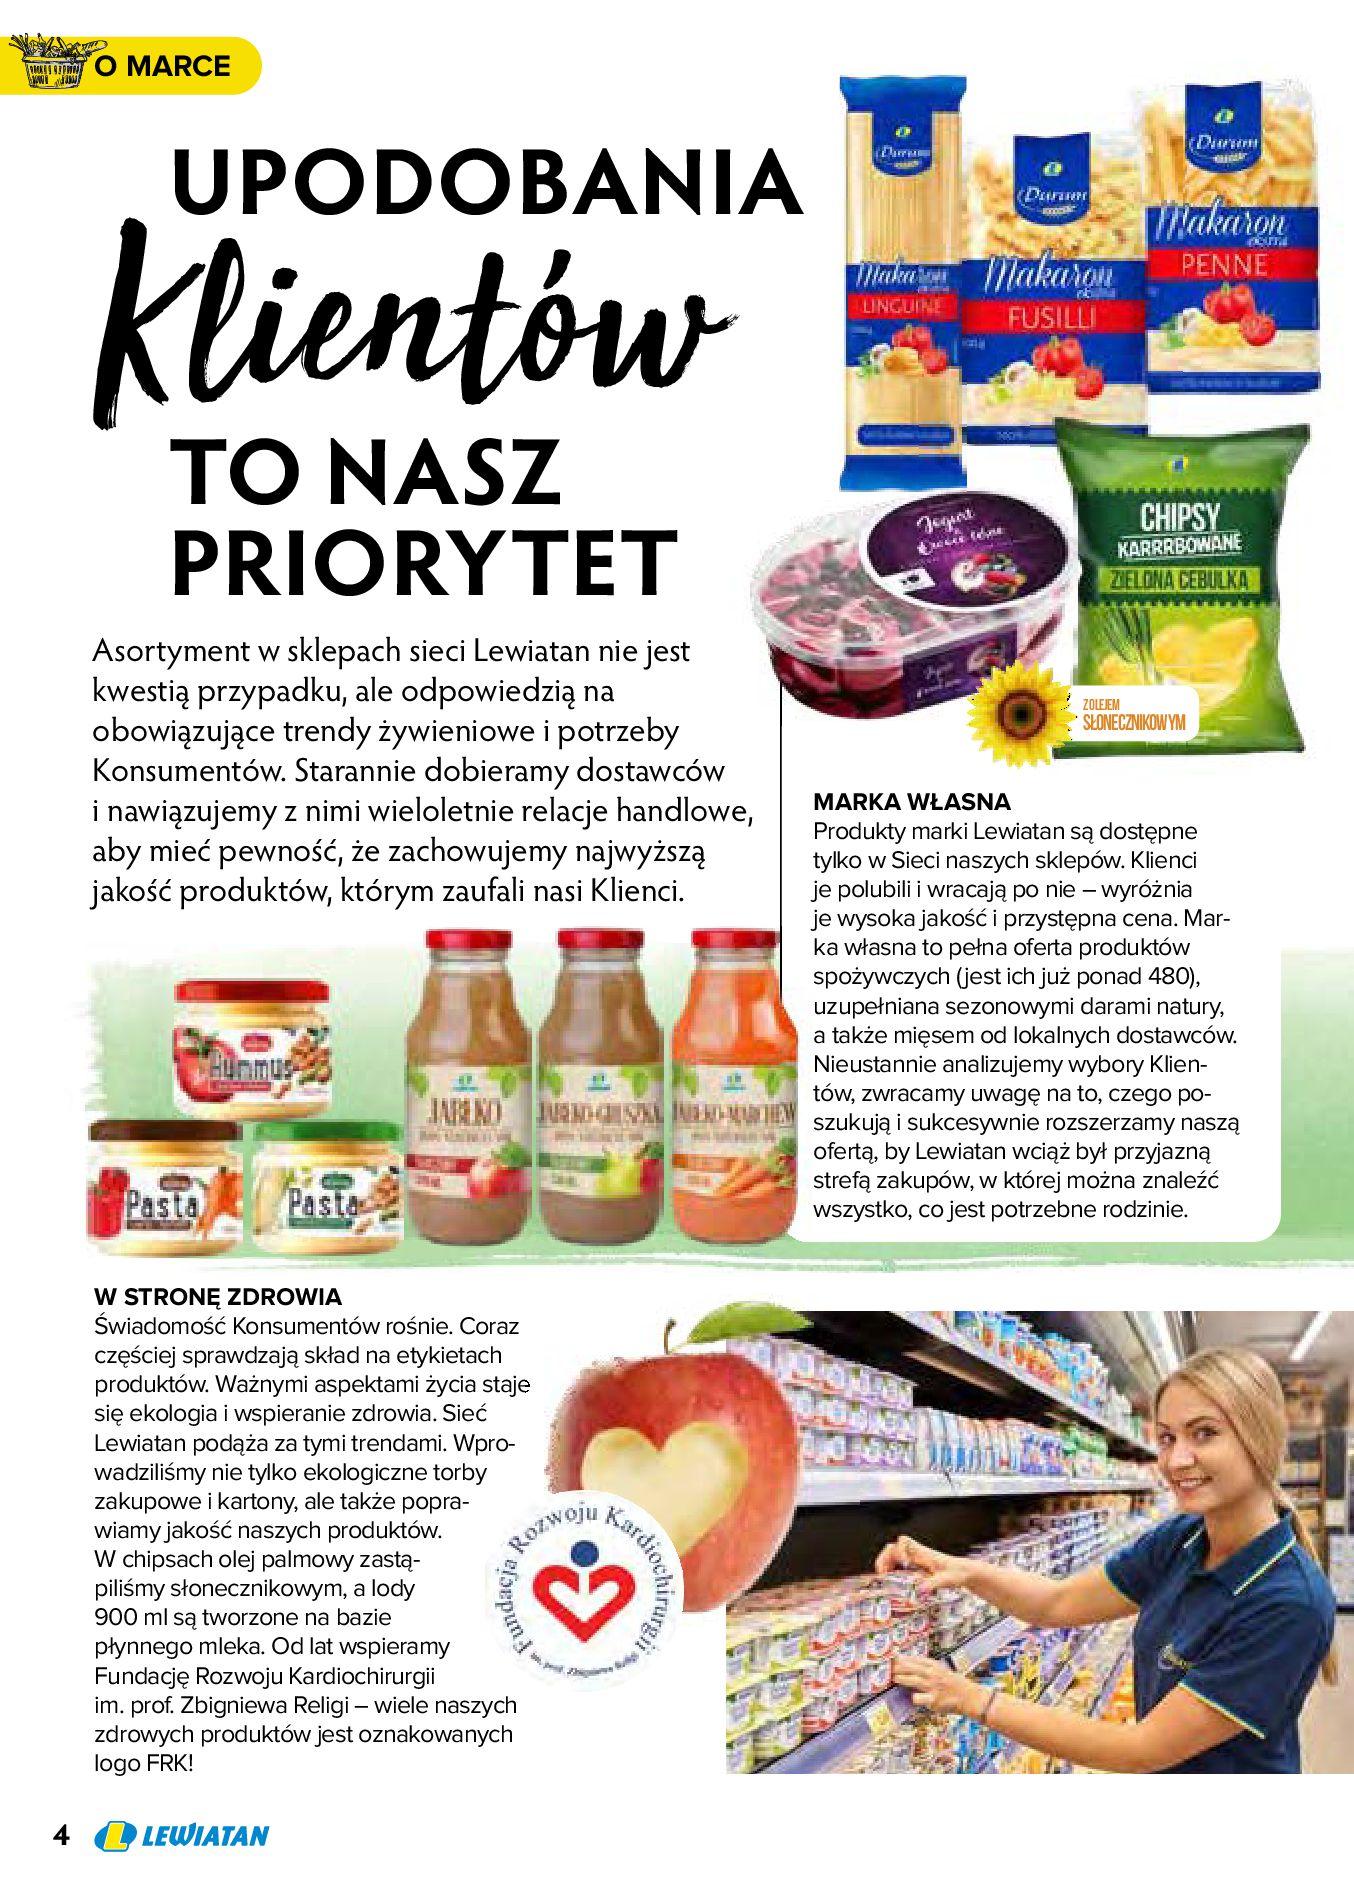 Gazetka Lewiatan: Produkty marki Lewiatan 2020-12-31 page-4